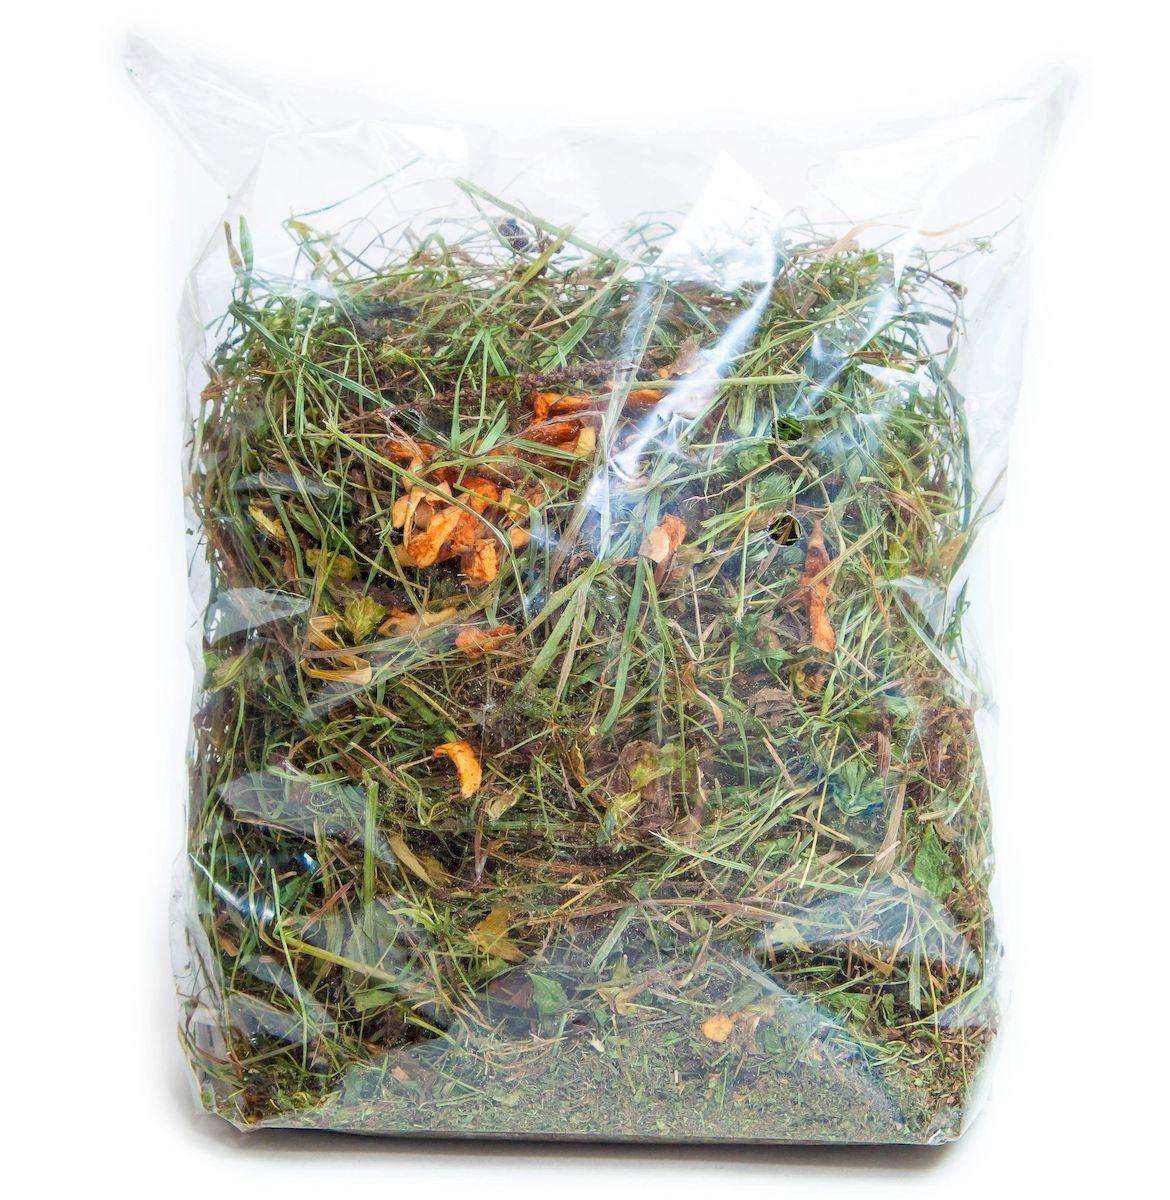 Сено луговое для грызунов Престиж Премиум класс ЛЮКС с овощами и фруктами4627092860525Сено Луговое ЛЮКС Премиум Класса - Сено луговое из разнотравья, обогащенное цветами, фруктами и овощами. Высушено по специальной технологии, без прямых солнечных лучей, что позволяет сохранить натуральный зеленый цвет травы, витамины и микроэлементы, которые так необходимы для правильного развития и здоровья домашних грызунов (шиншилл, кроликов, морских свинок, хомяков).В качестве лакомства мы добавляем сушеные фрукты и овощи. Рекомендации В клетке всегда должна быть вода. Норму потребления грызуны регулируют самостоятельно.